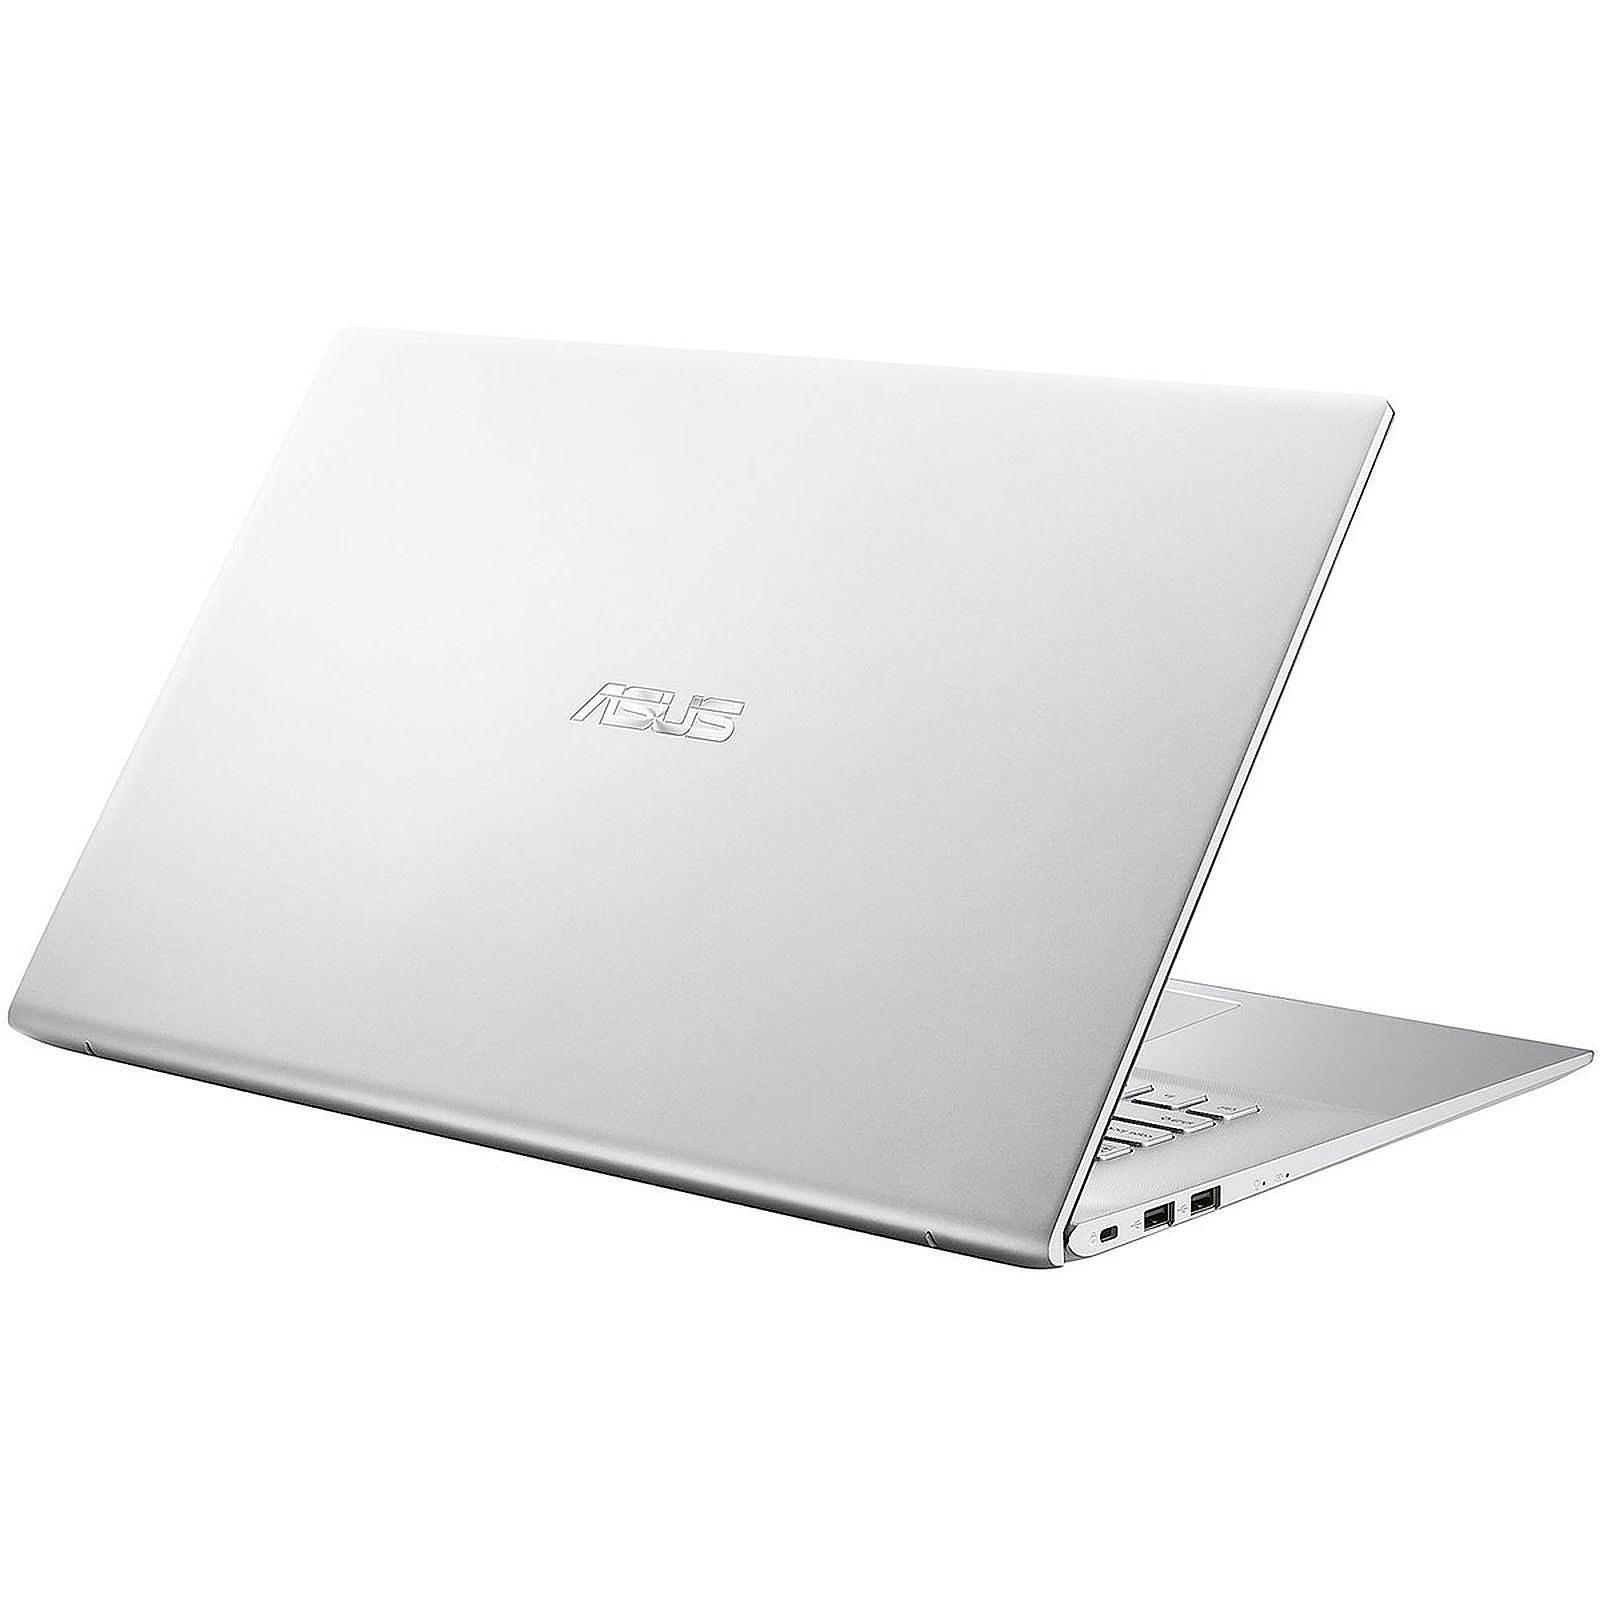 Asus 90NB0L61-M08330 - PC portable Asus - Cybertek.fr - 2